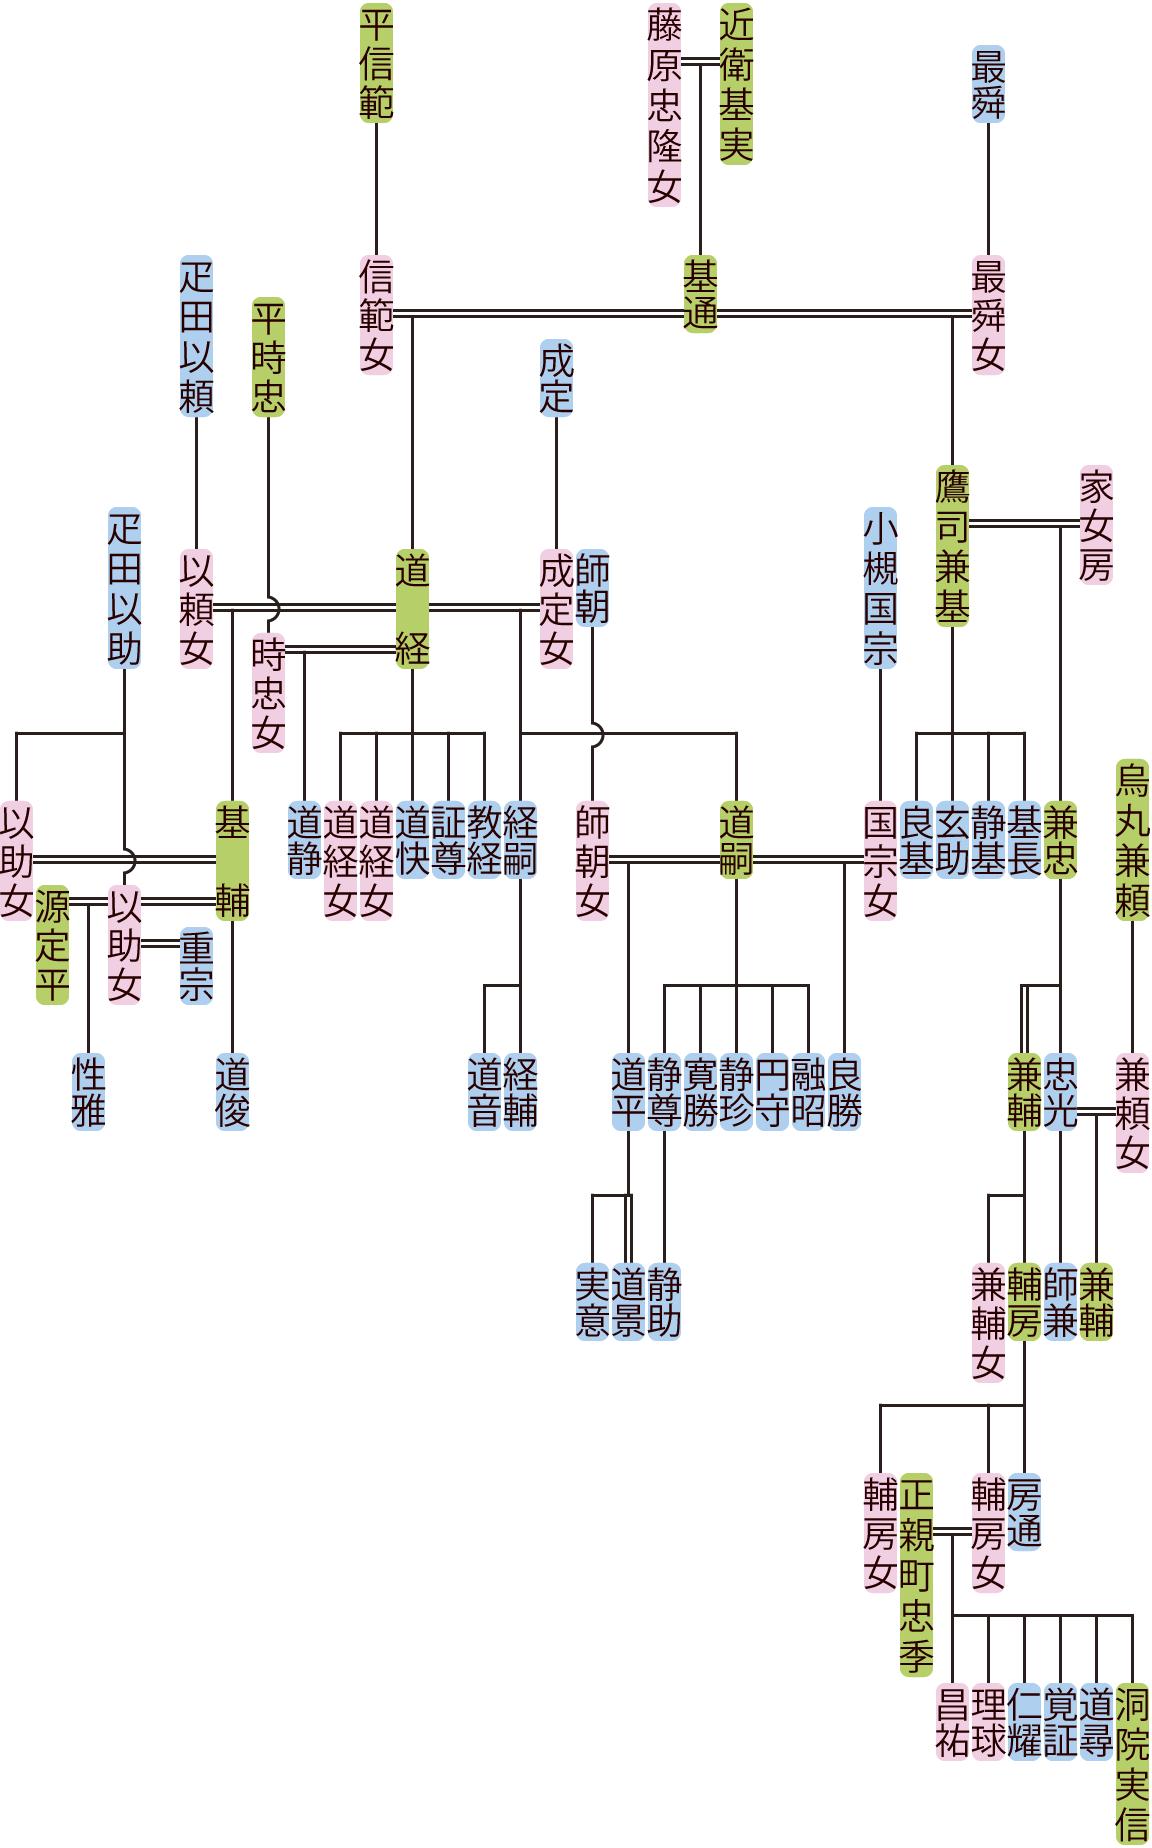 藤原道経・鷹司兼基の系図